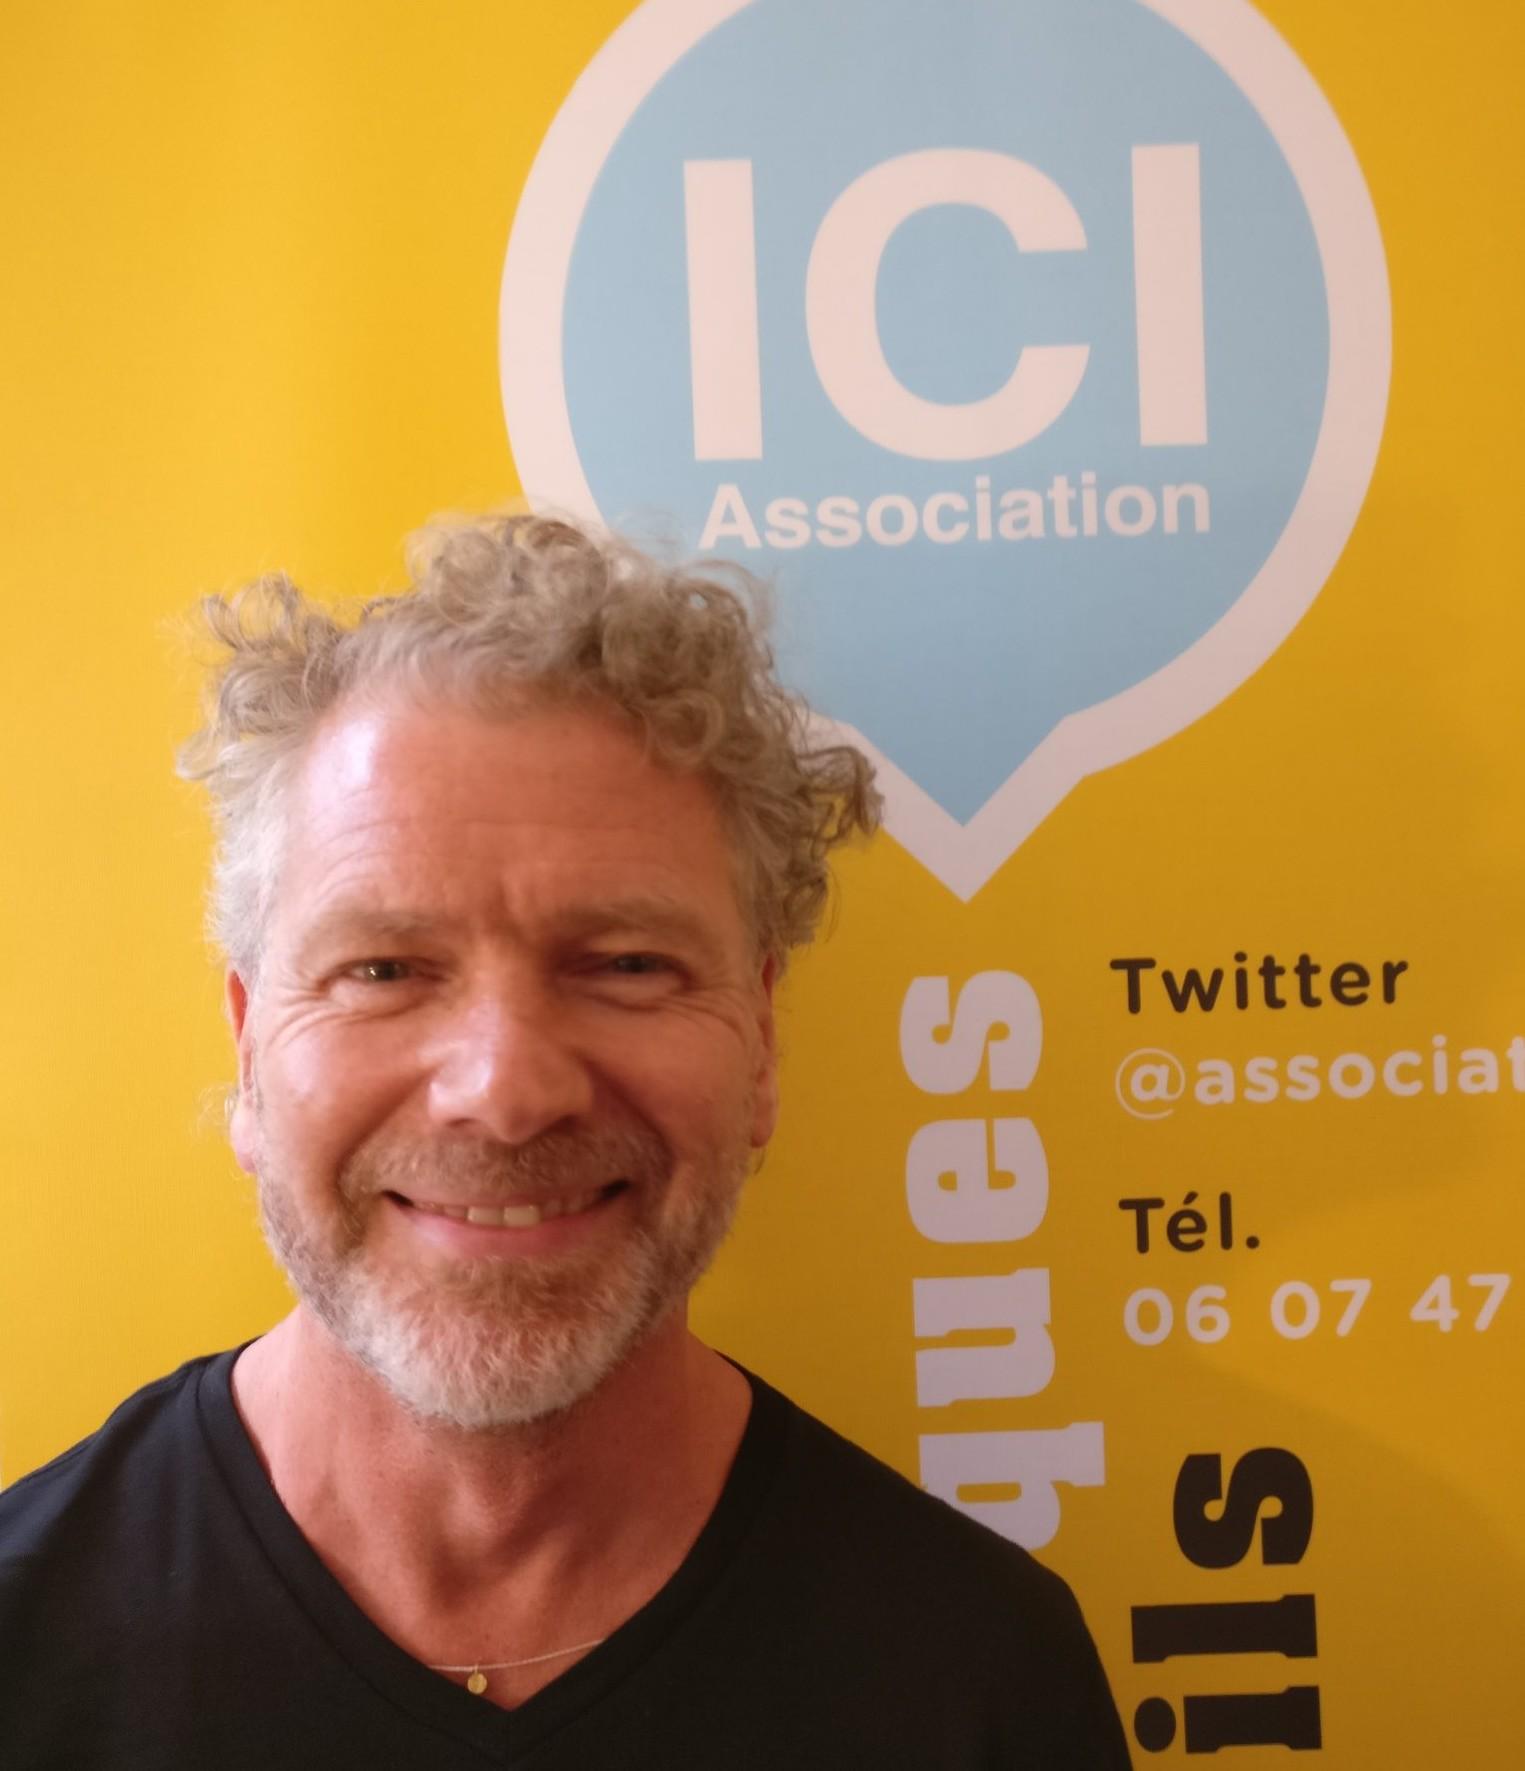 Bénévole Innovons pour la Citoyenneté sur Internet (association ICI)